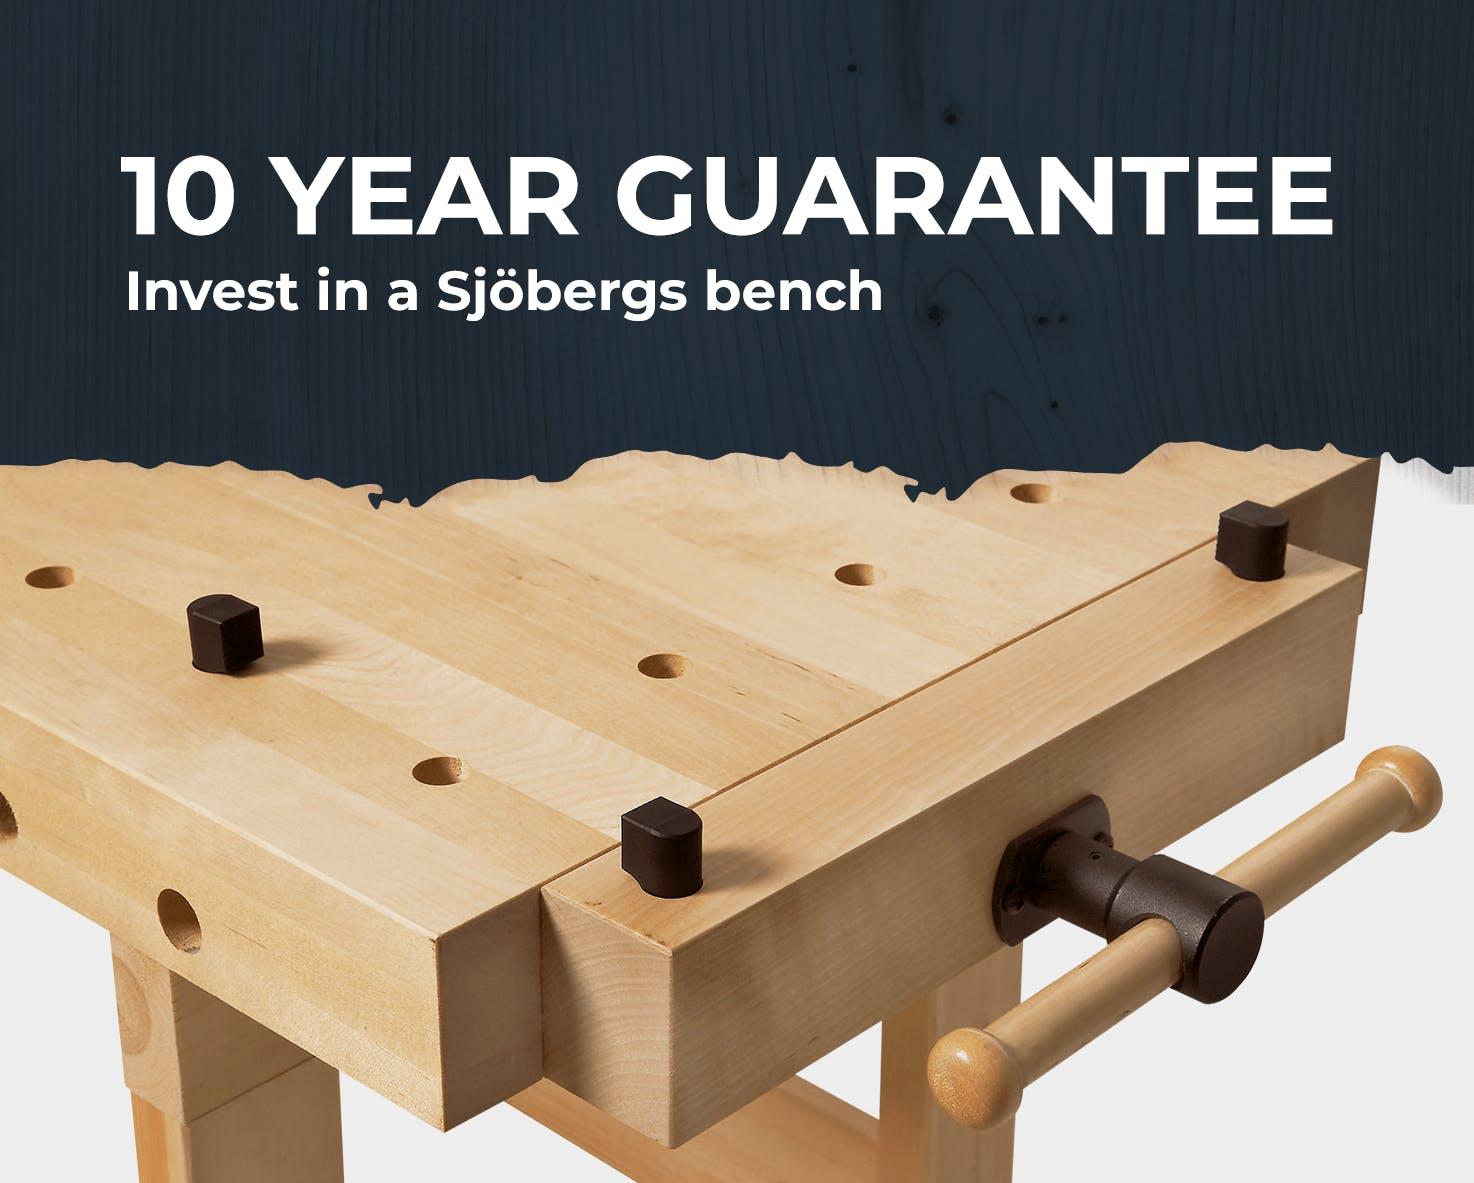 Sjobergs 10 year guarantee